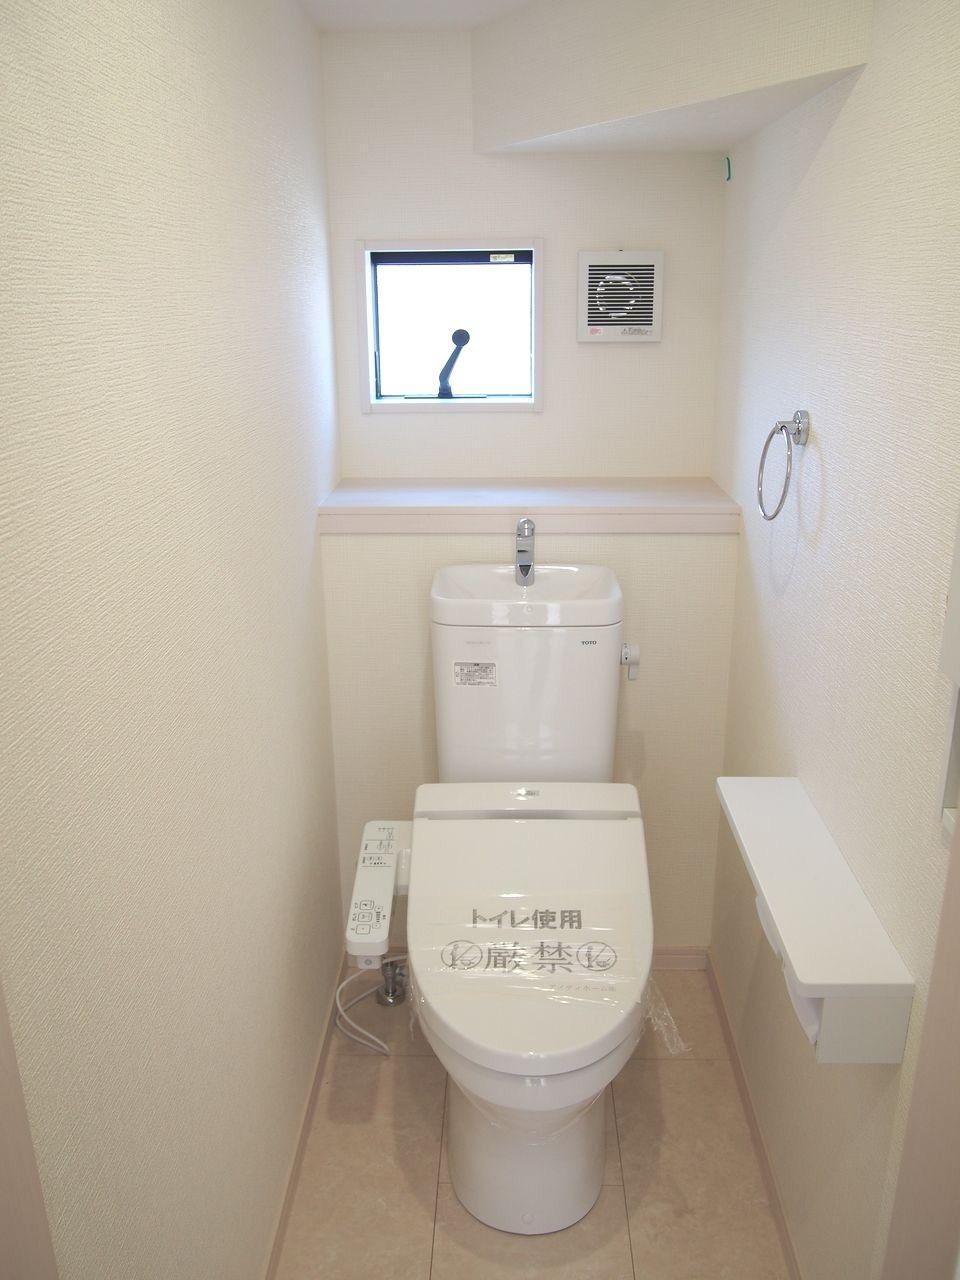 汚れがたまりやすい便器のフチ裏をなくしました。手前から奥までぐるりとフチをなくして、汚れが見えにくかった死角もありません。便器のフチを握るようにして、シートでサッとふくだけでトイレ掃除できます。